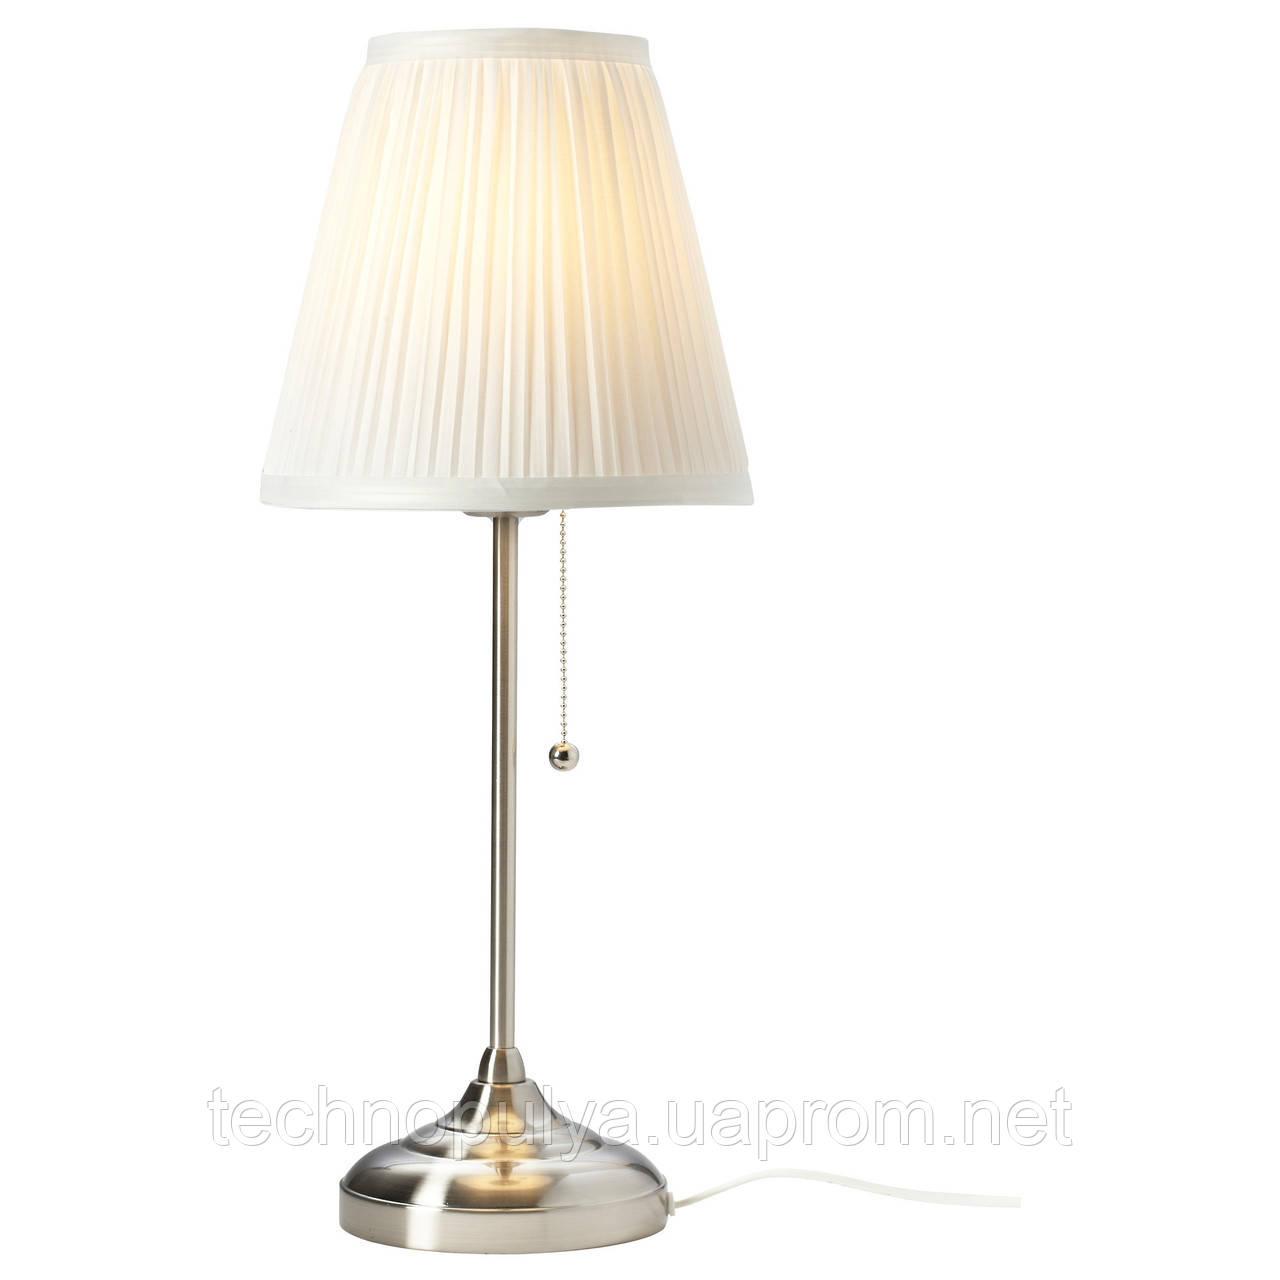 Настольная лампа IKEA ARSTID никелированная Белый (702.806.34)